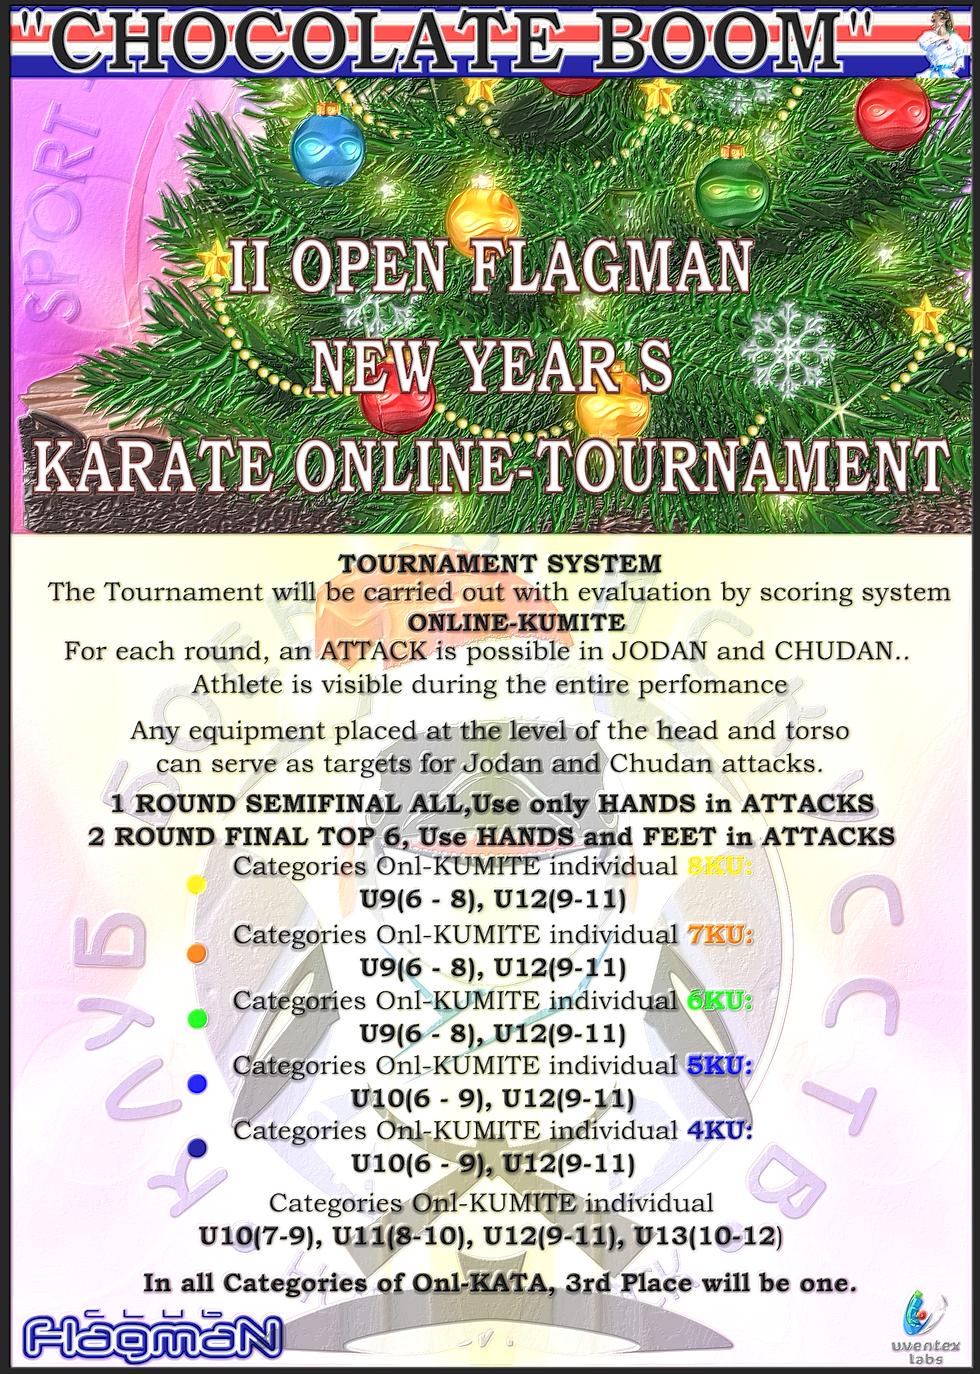 3 BULL NYT II OPEN FLAGMAN 25-27.12.2020